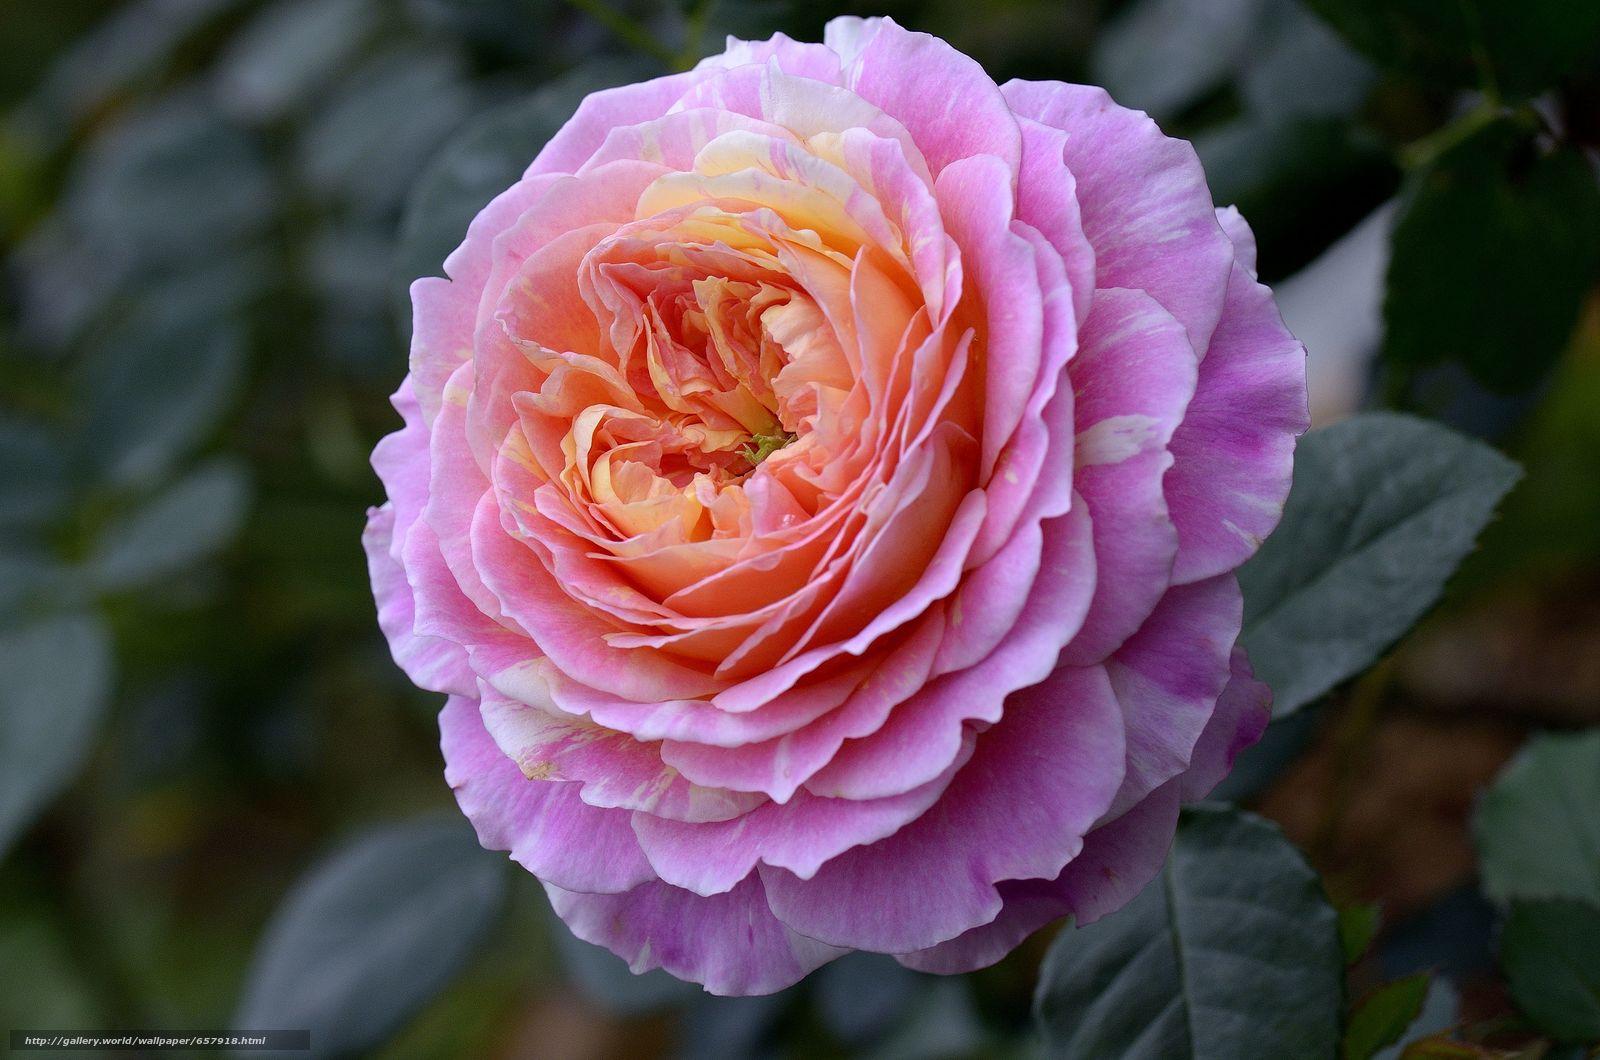 Tlcharger Fond d'ecran rose,  Roses,  fleur,  Fleurs Fonds d'ecran gratuits pour votre rsolution du bureau 4928x3264 — image №657918